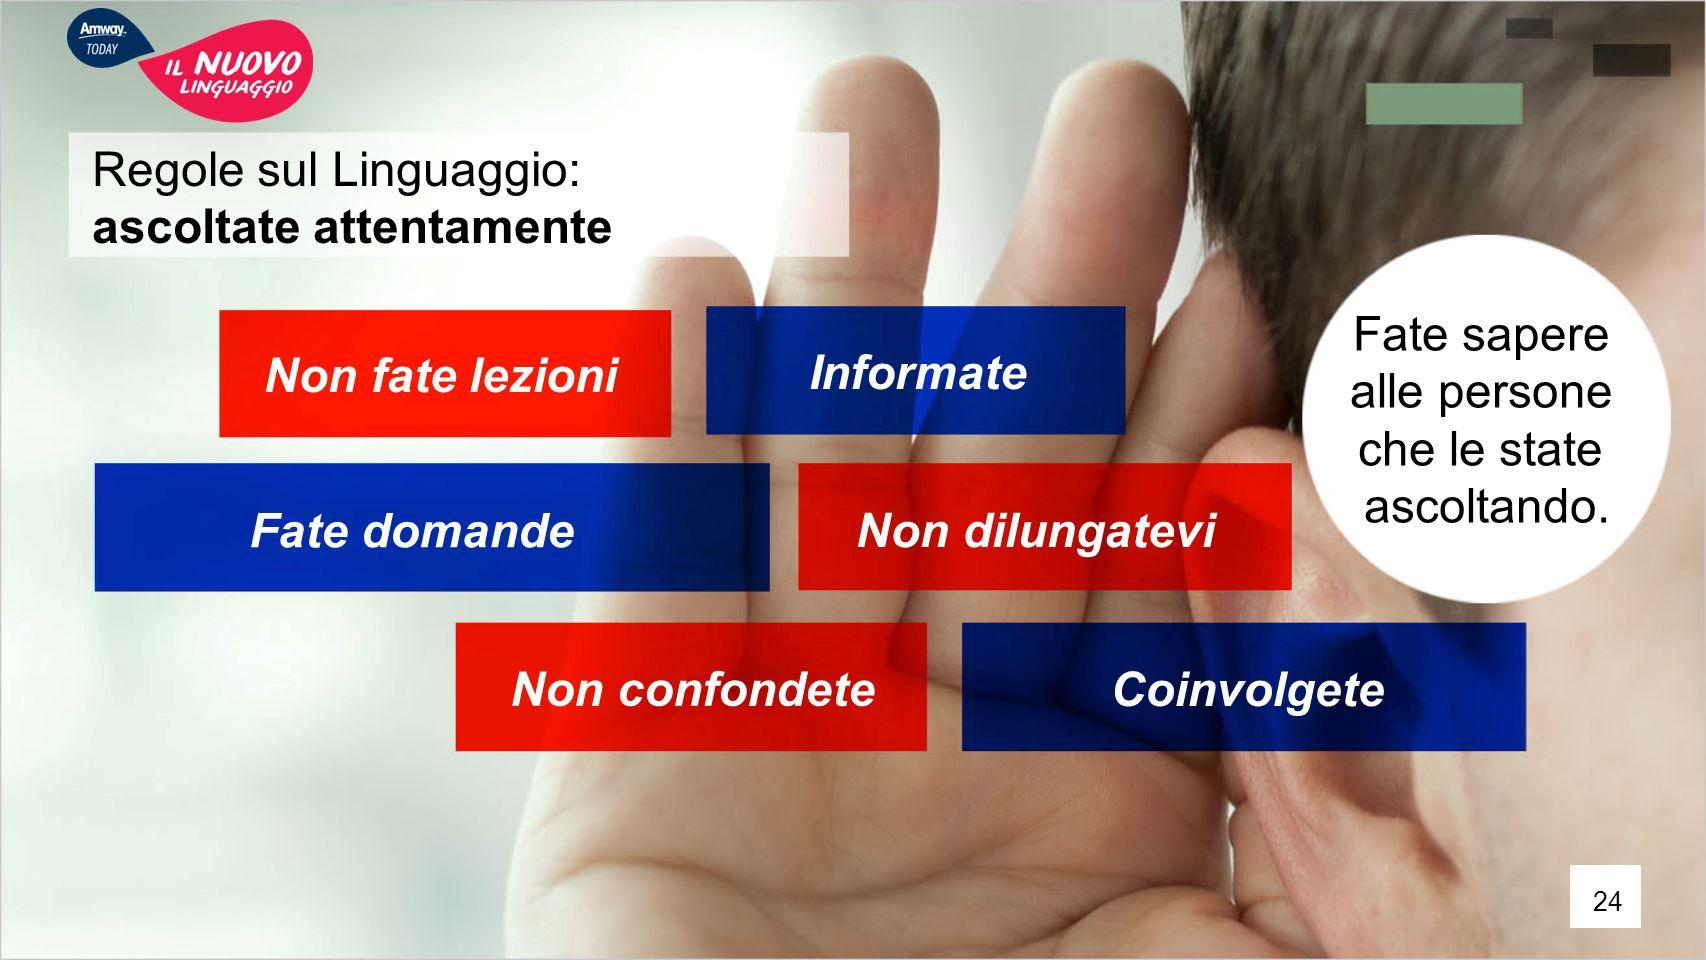 Regole sul Linguaggio: ascoltate attentamente